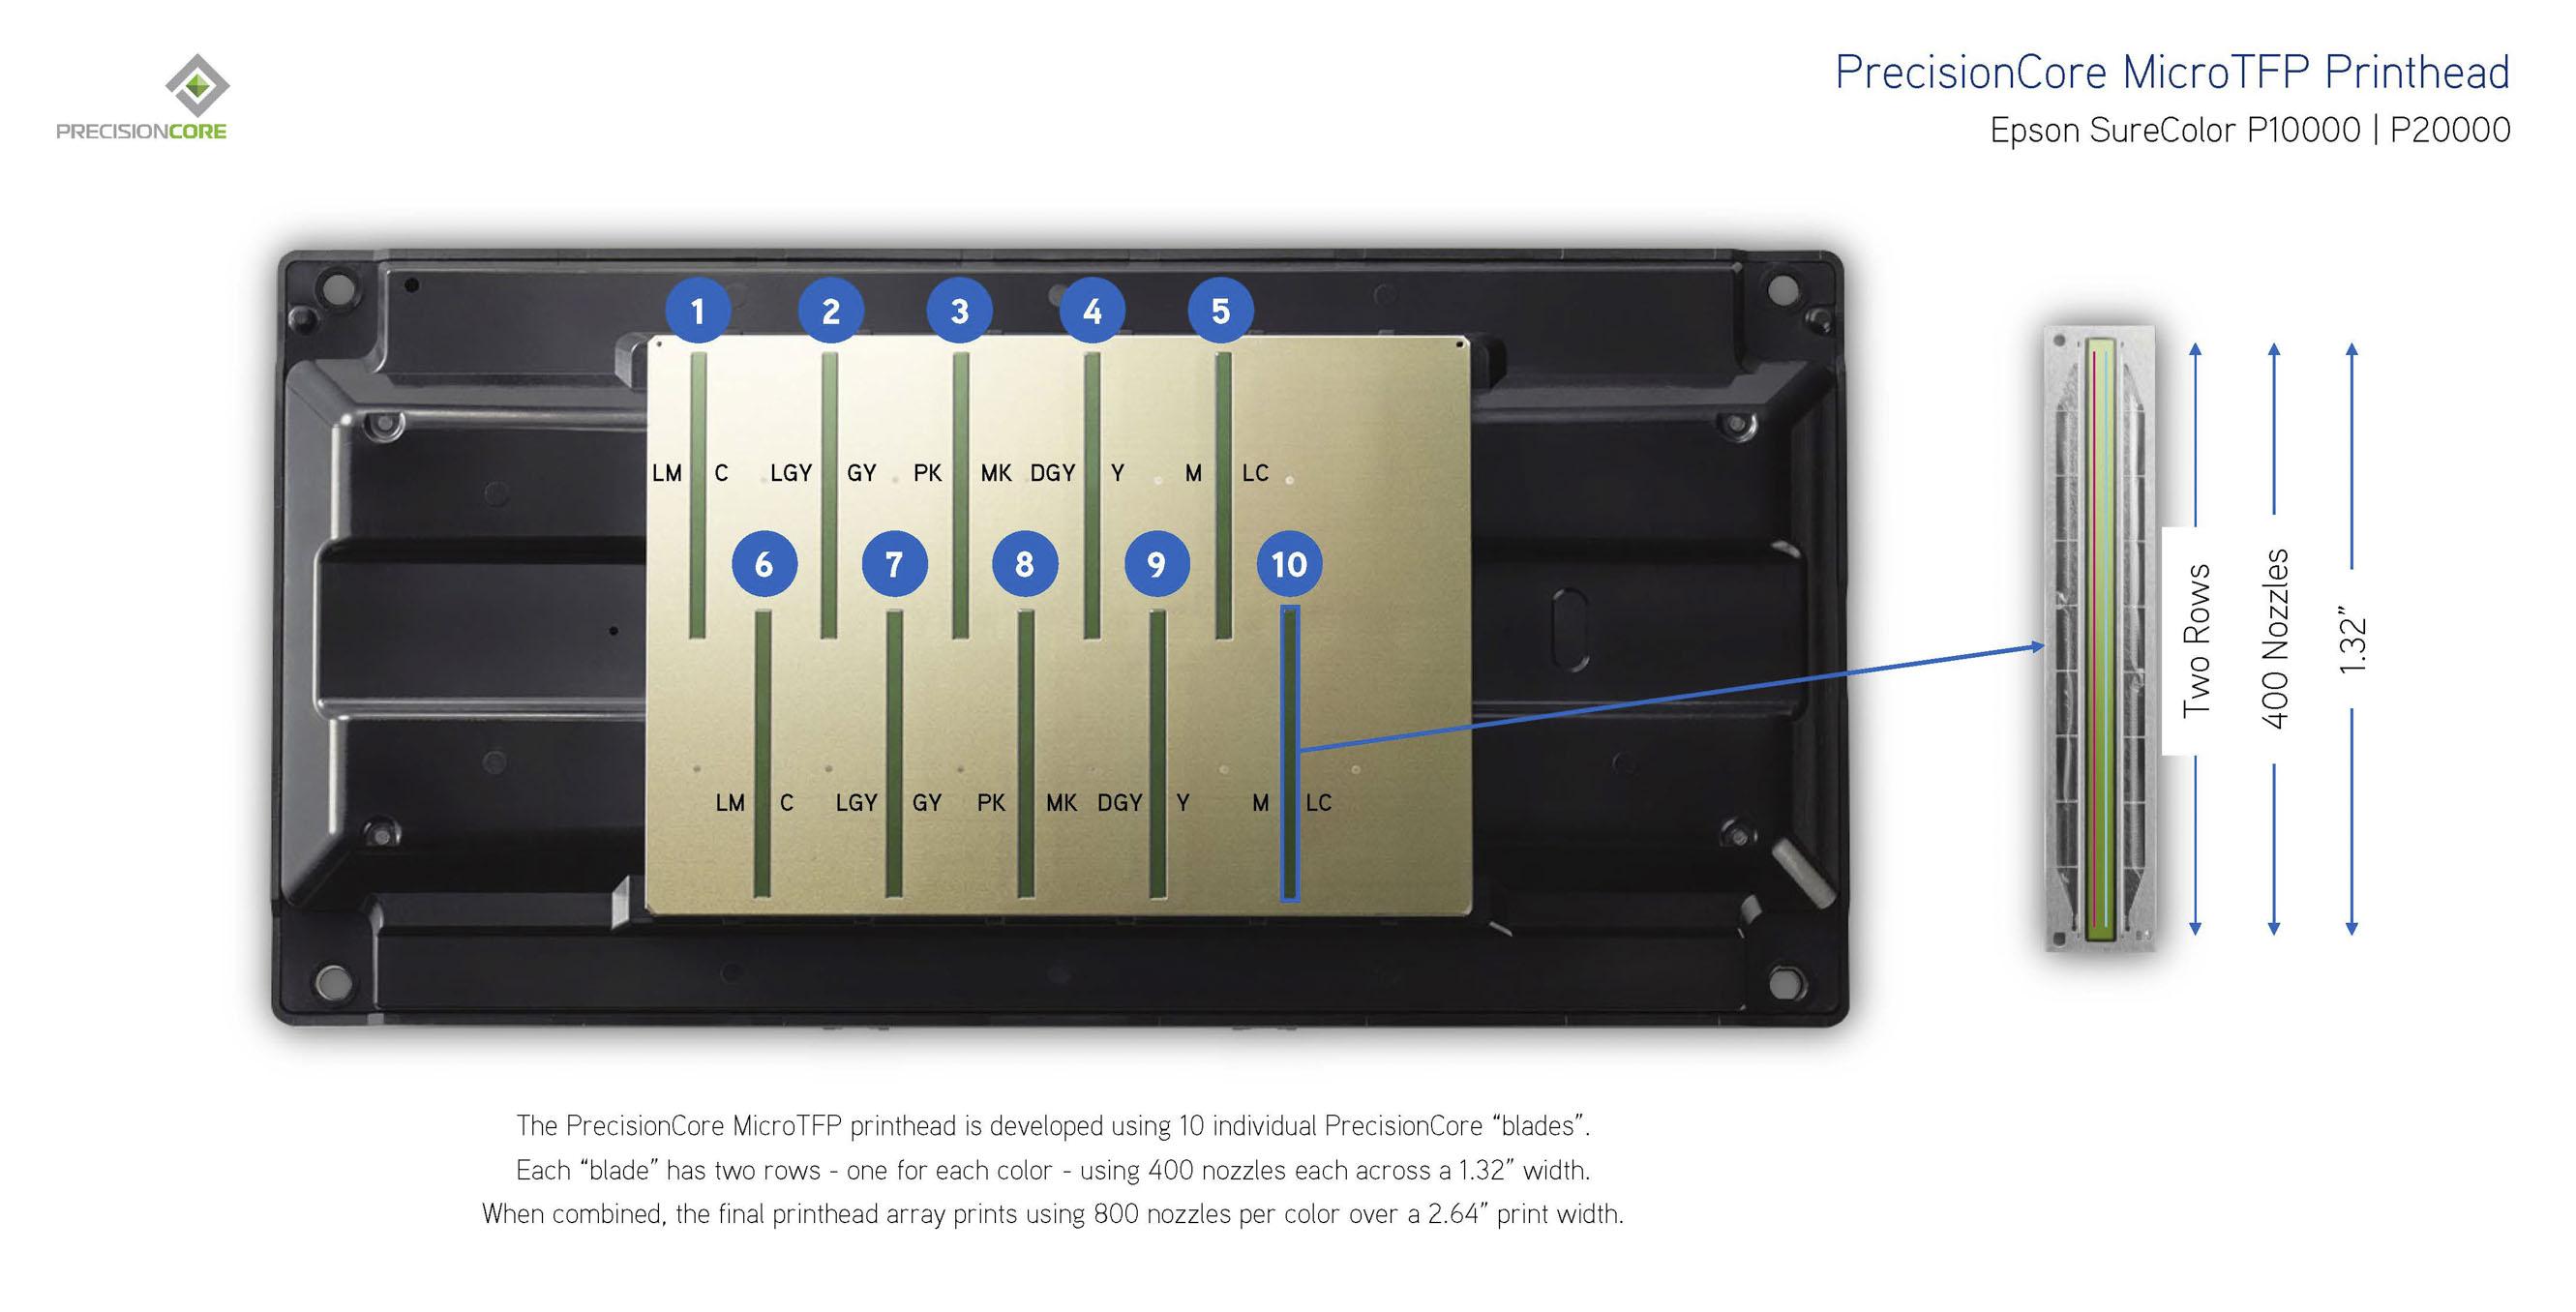 PrecisionCore MicroTFP Printhead 2